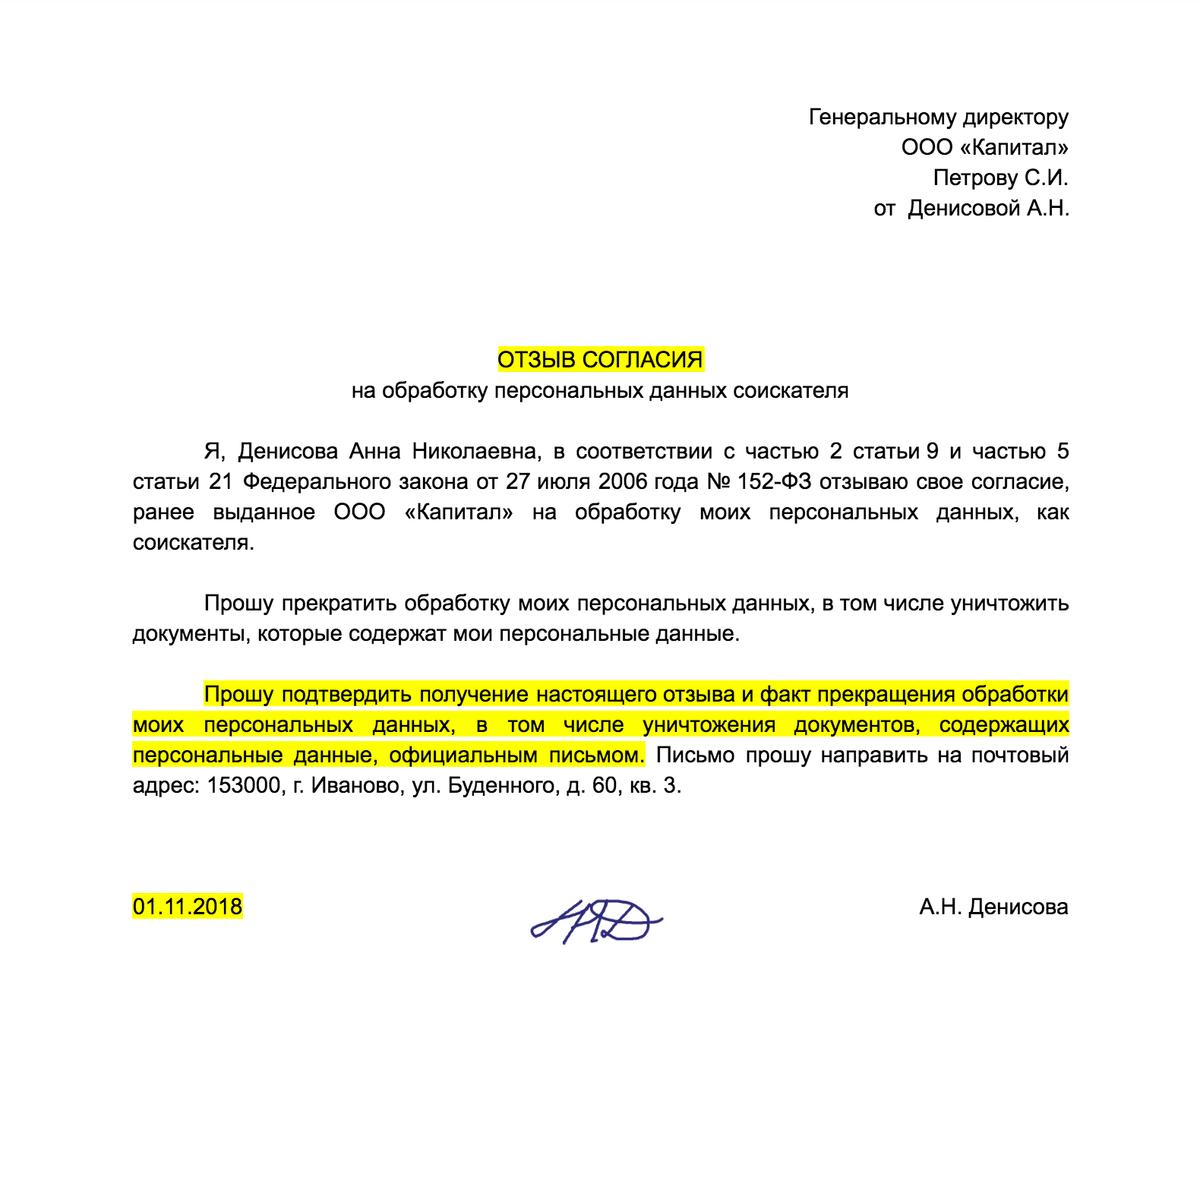 Отзыв согласия на обработку персональных данных соискателя